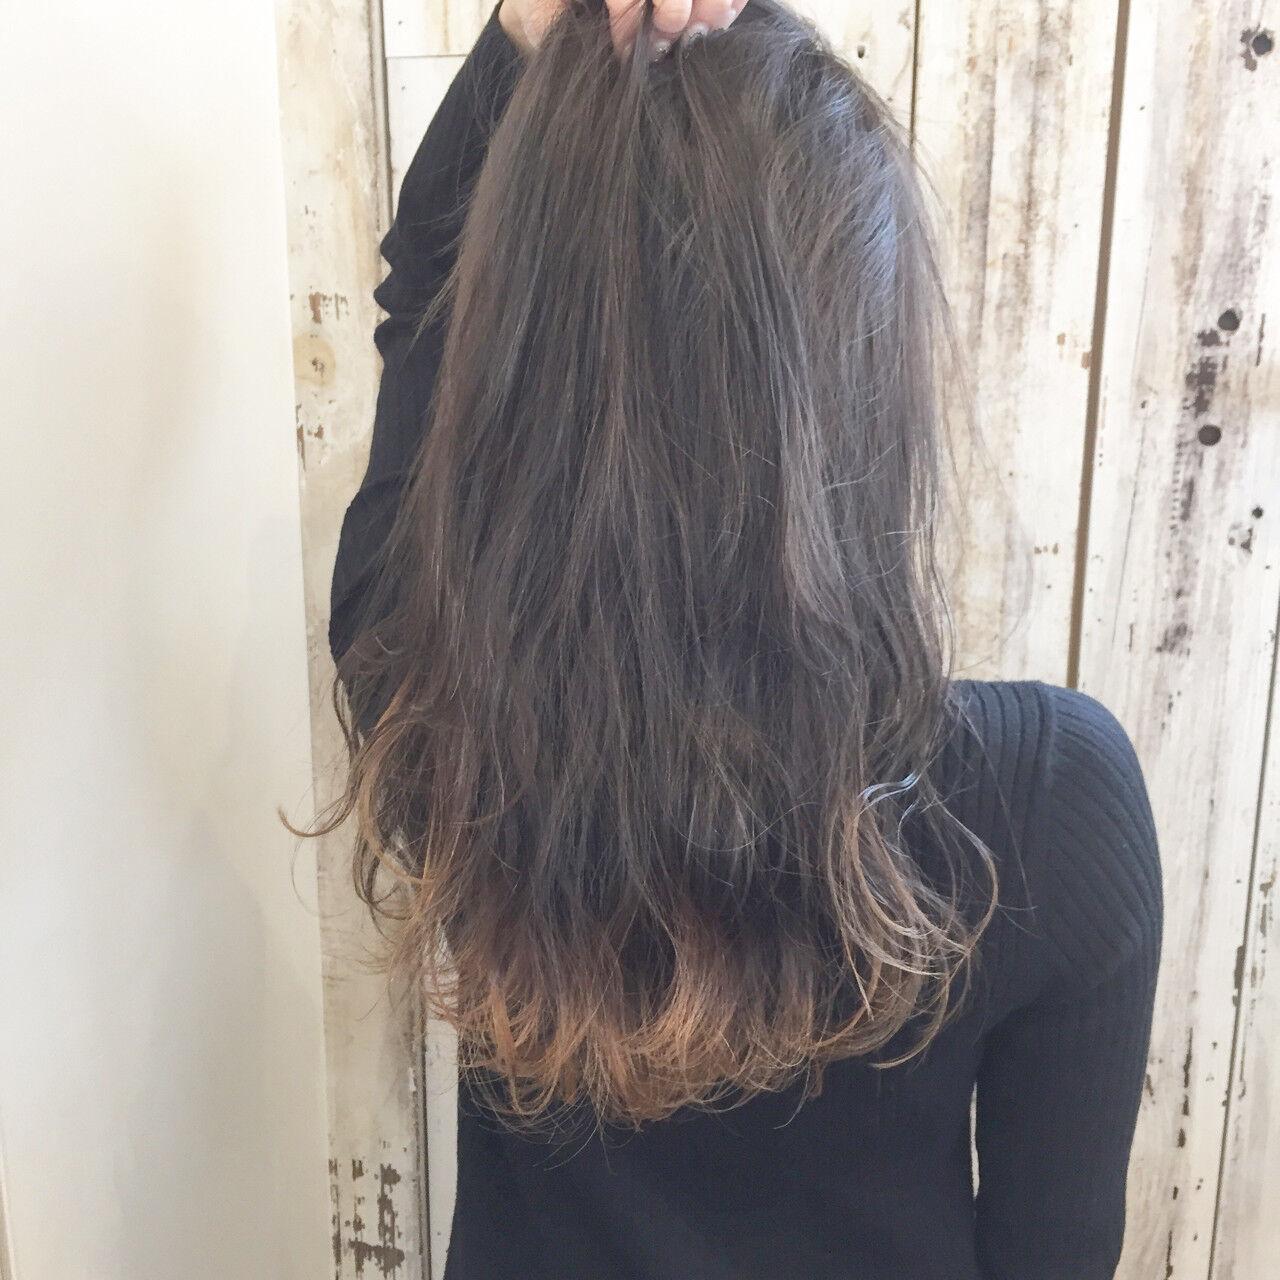 デート フリンジバング ナチュラル ハイライトヘアスタイルや髪型の写真・画像